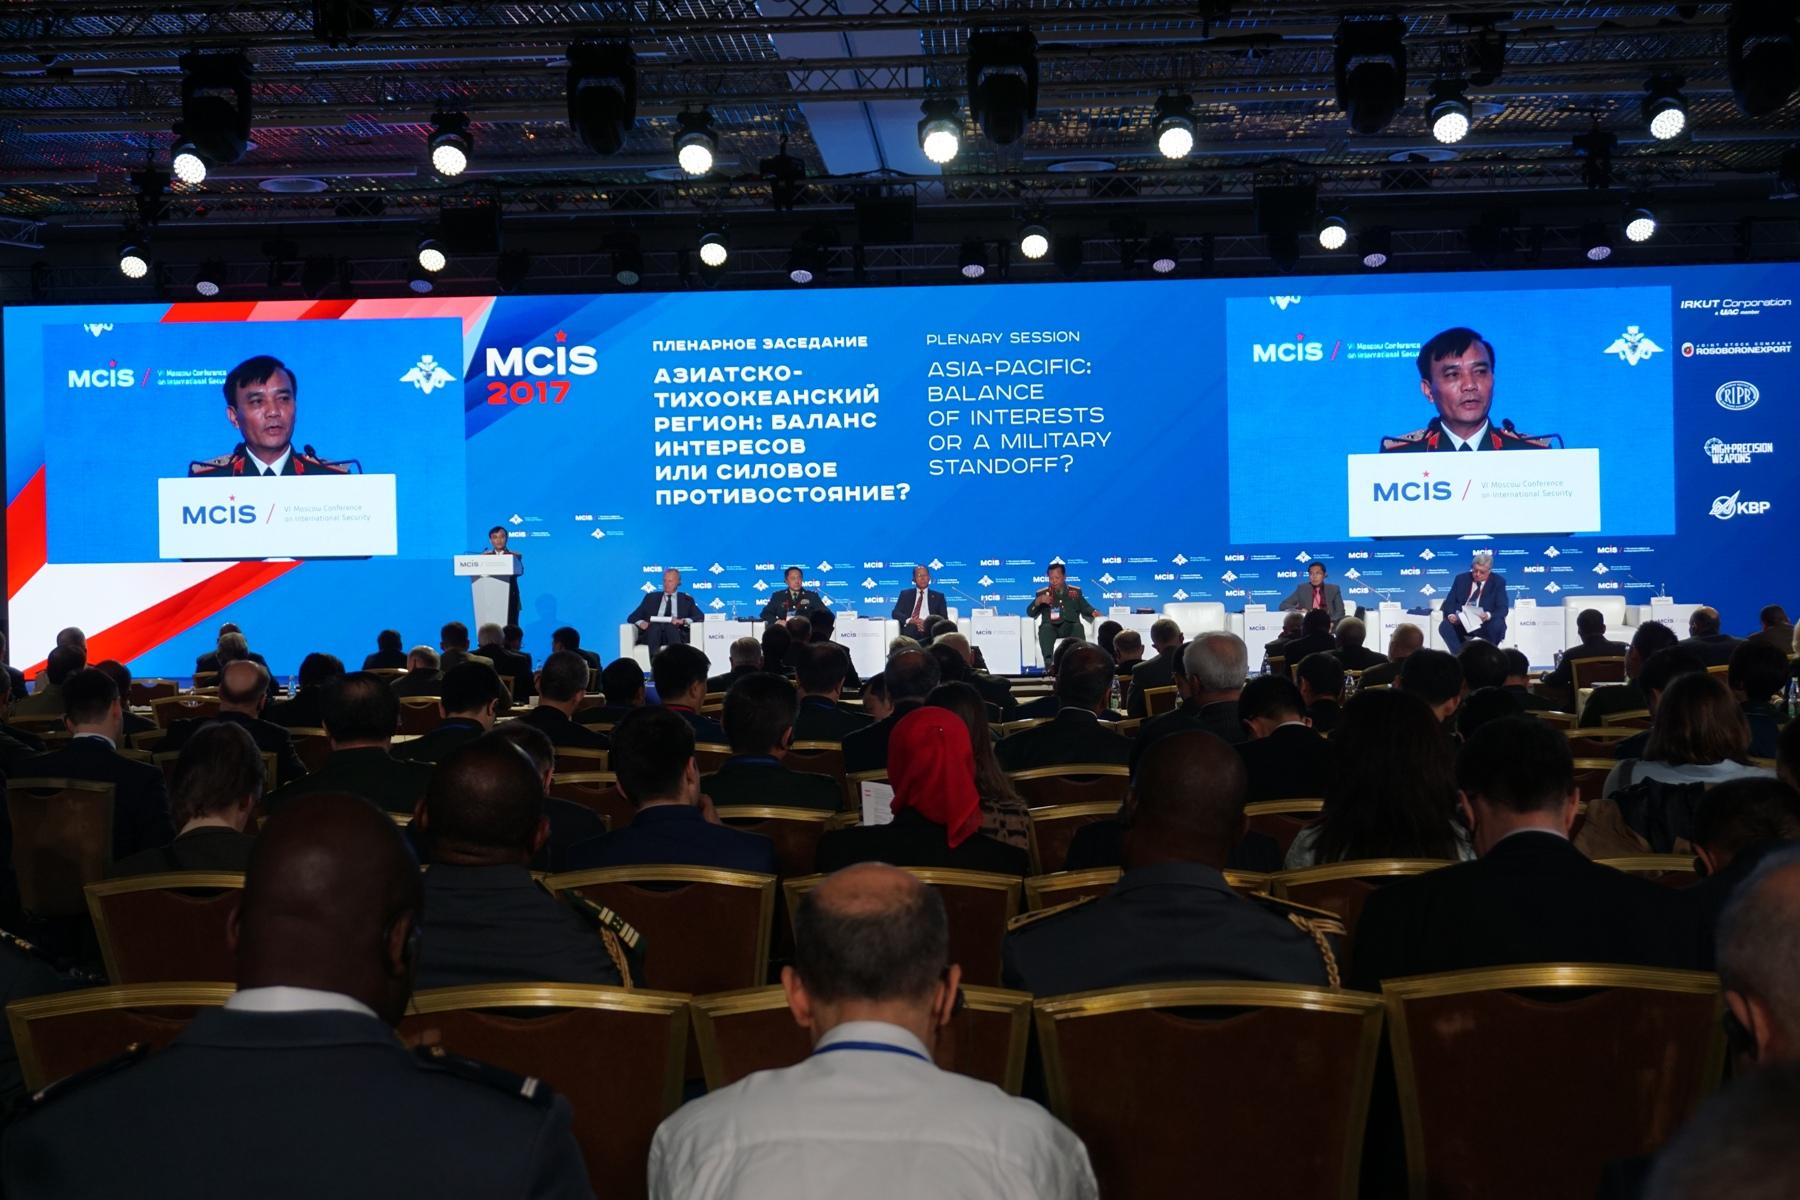 вьетнам принял участие в 6-и московскои конференции по международнои безопасности hinh 0